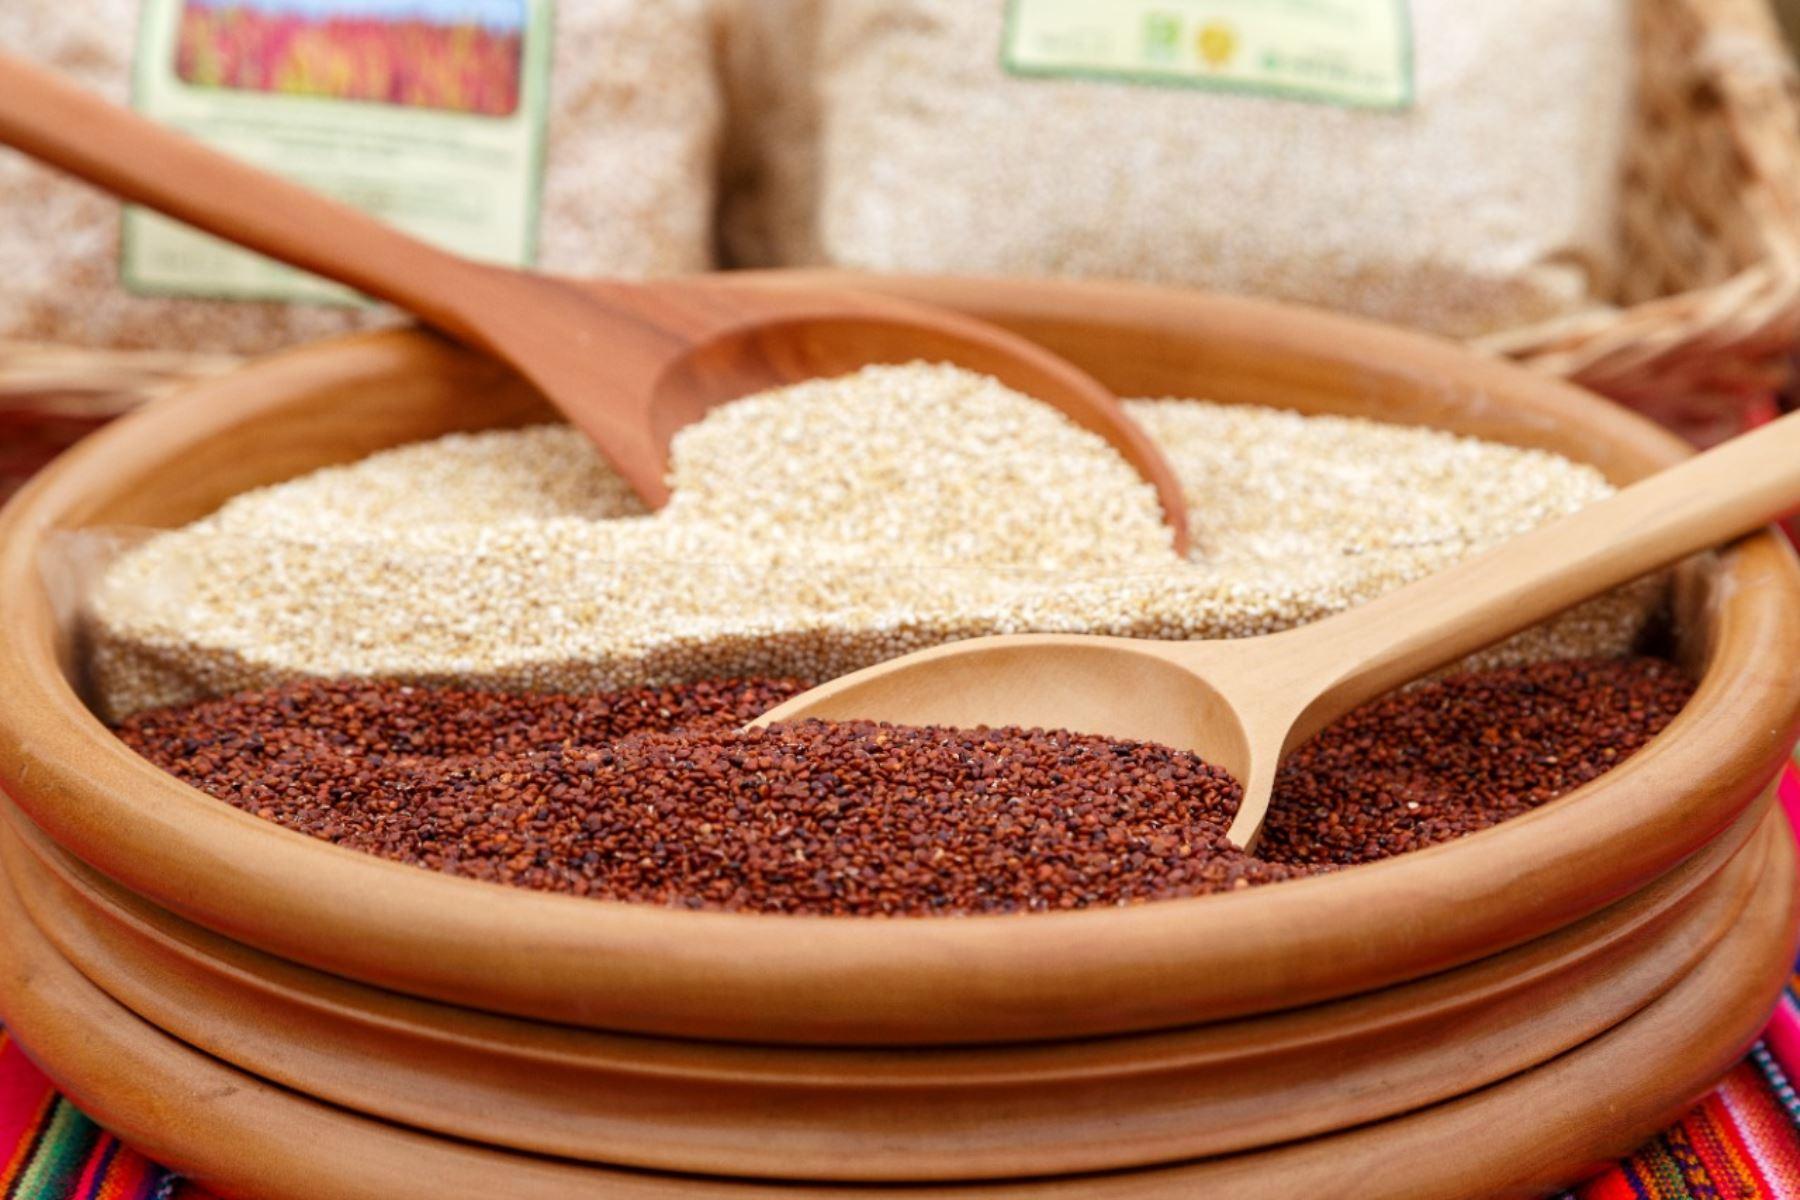 Los granos andinos, como la quinua, la kiwicha, el maíz, el sacha inchi, entre otros, son considerados superalimentos por su alta concentración de nutrientes esenciales. ANDINA/Difusión